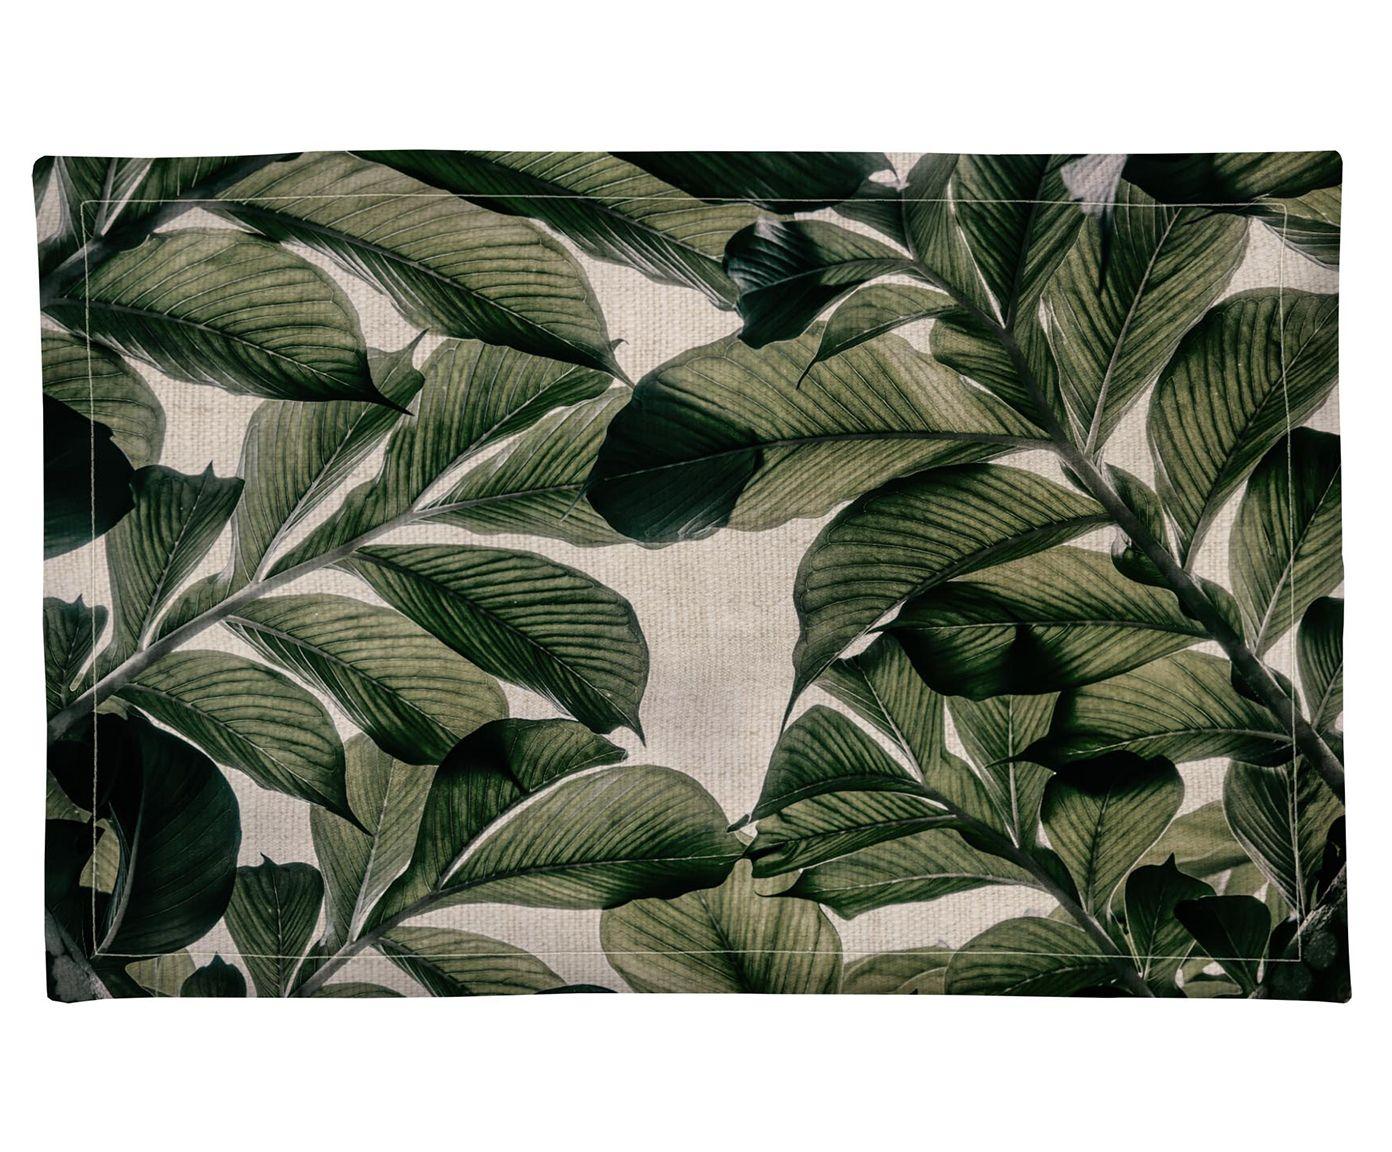 Lugar Americano em Linho Misto Pearlie - 37X50cm   Westwing.com.br